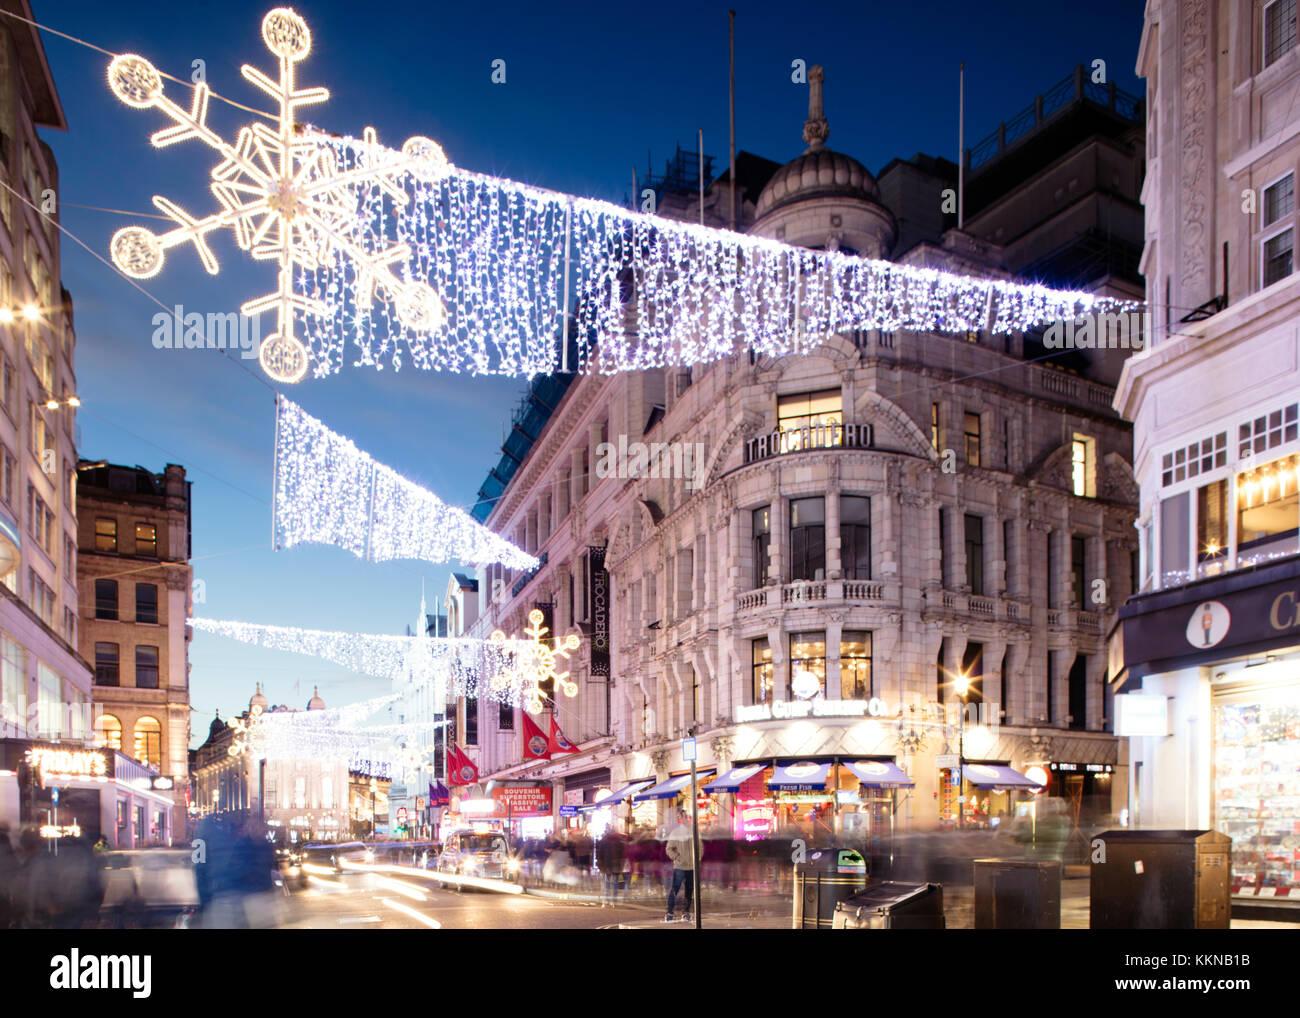 L'Angleterre, Londres, les lumières de Noël sur Piccadilly Circus et Regent Street Photo Stock